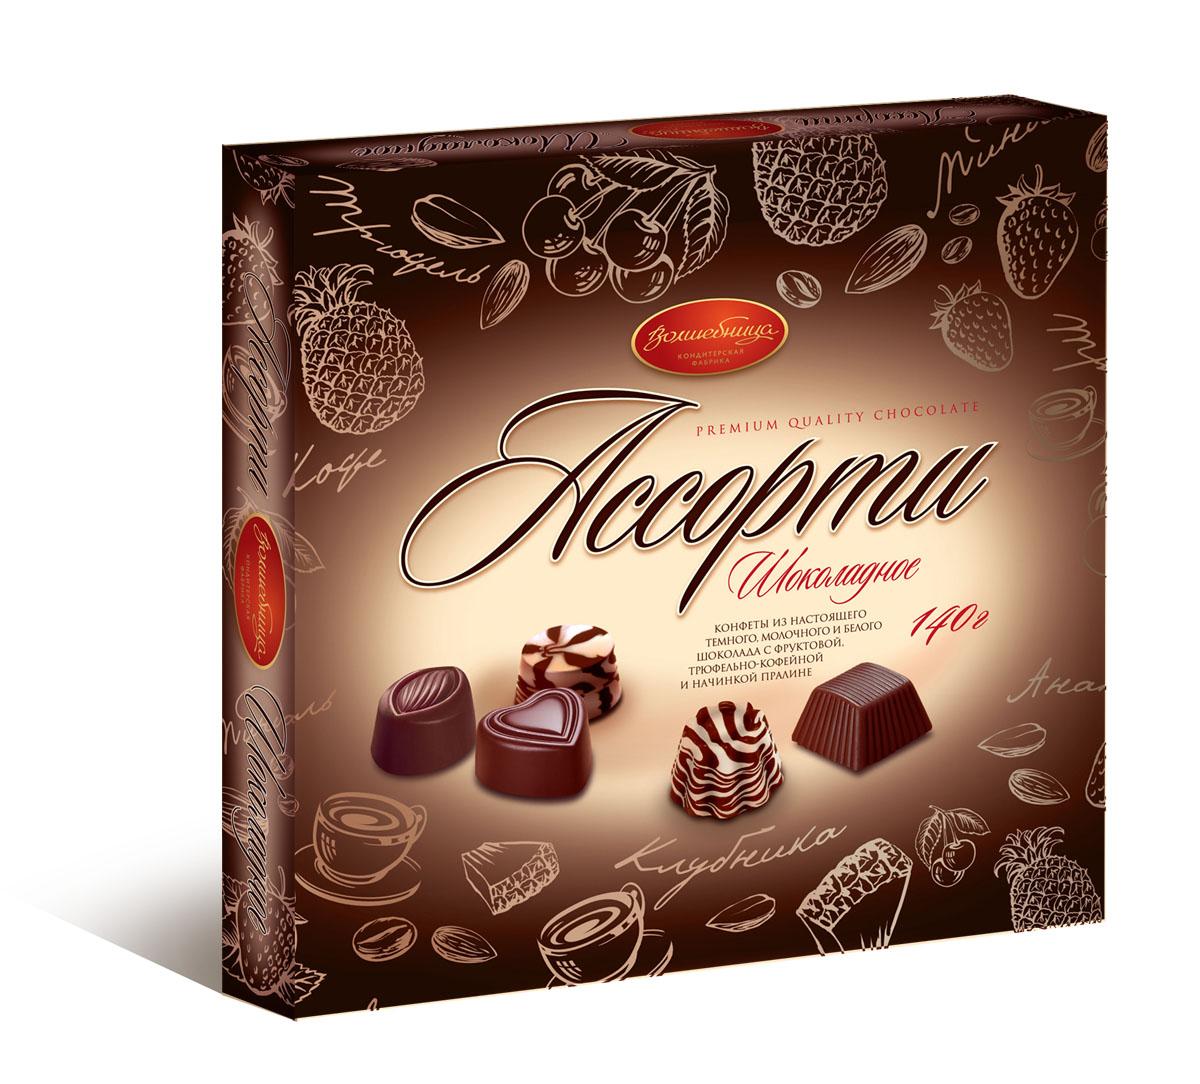 Волшебница конфеты шоколадное ассорти (коричневые), 140 г